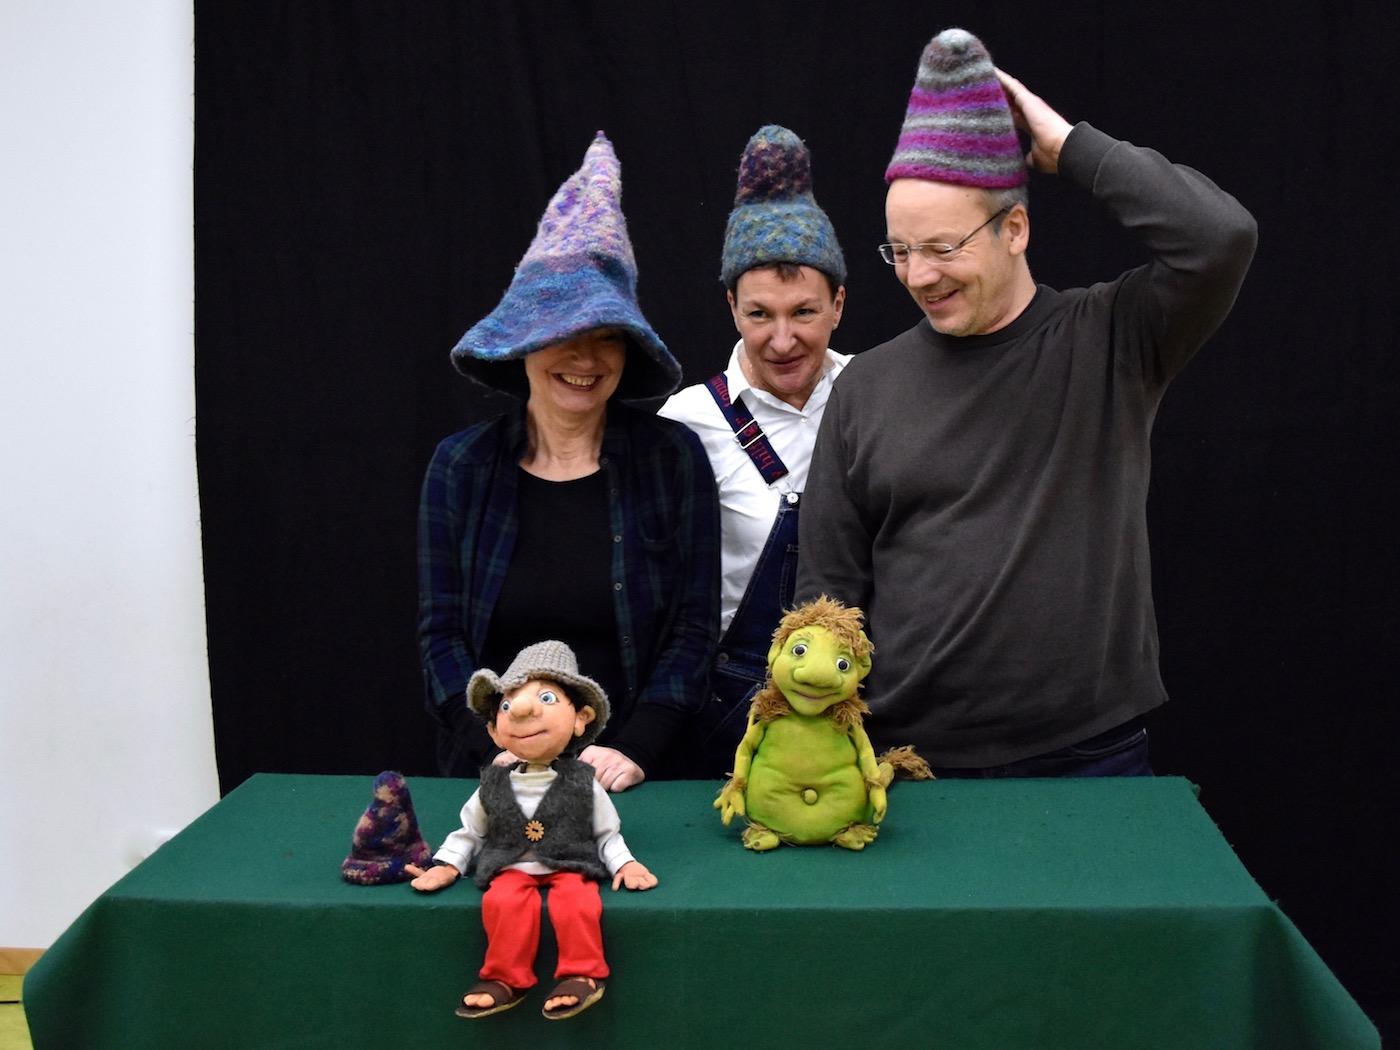 Probieren Hörbe-Hüte aus: Ingrid Schaldach, Martina Joschko, Thomas Ehnis